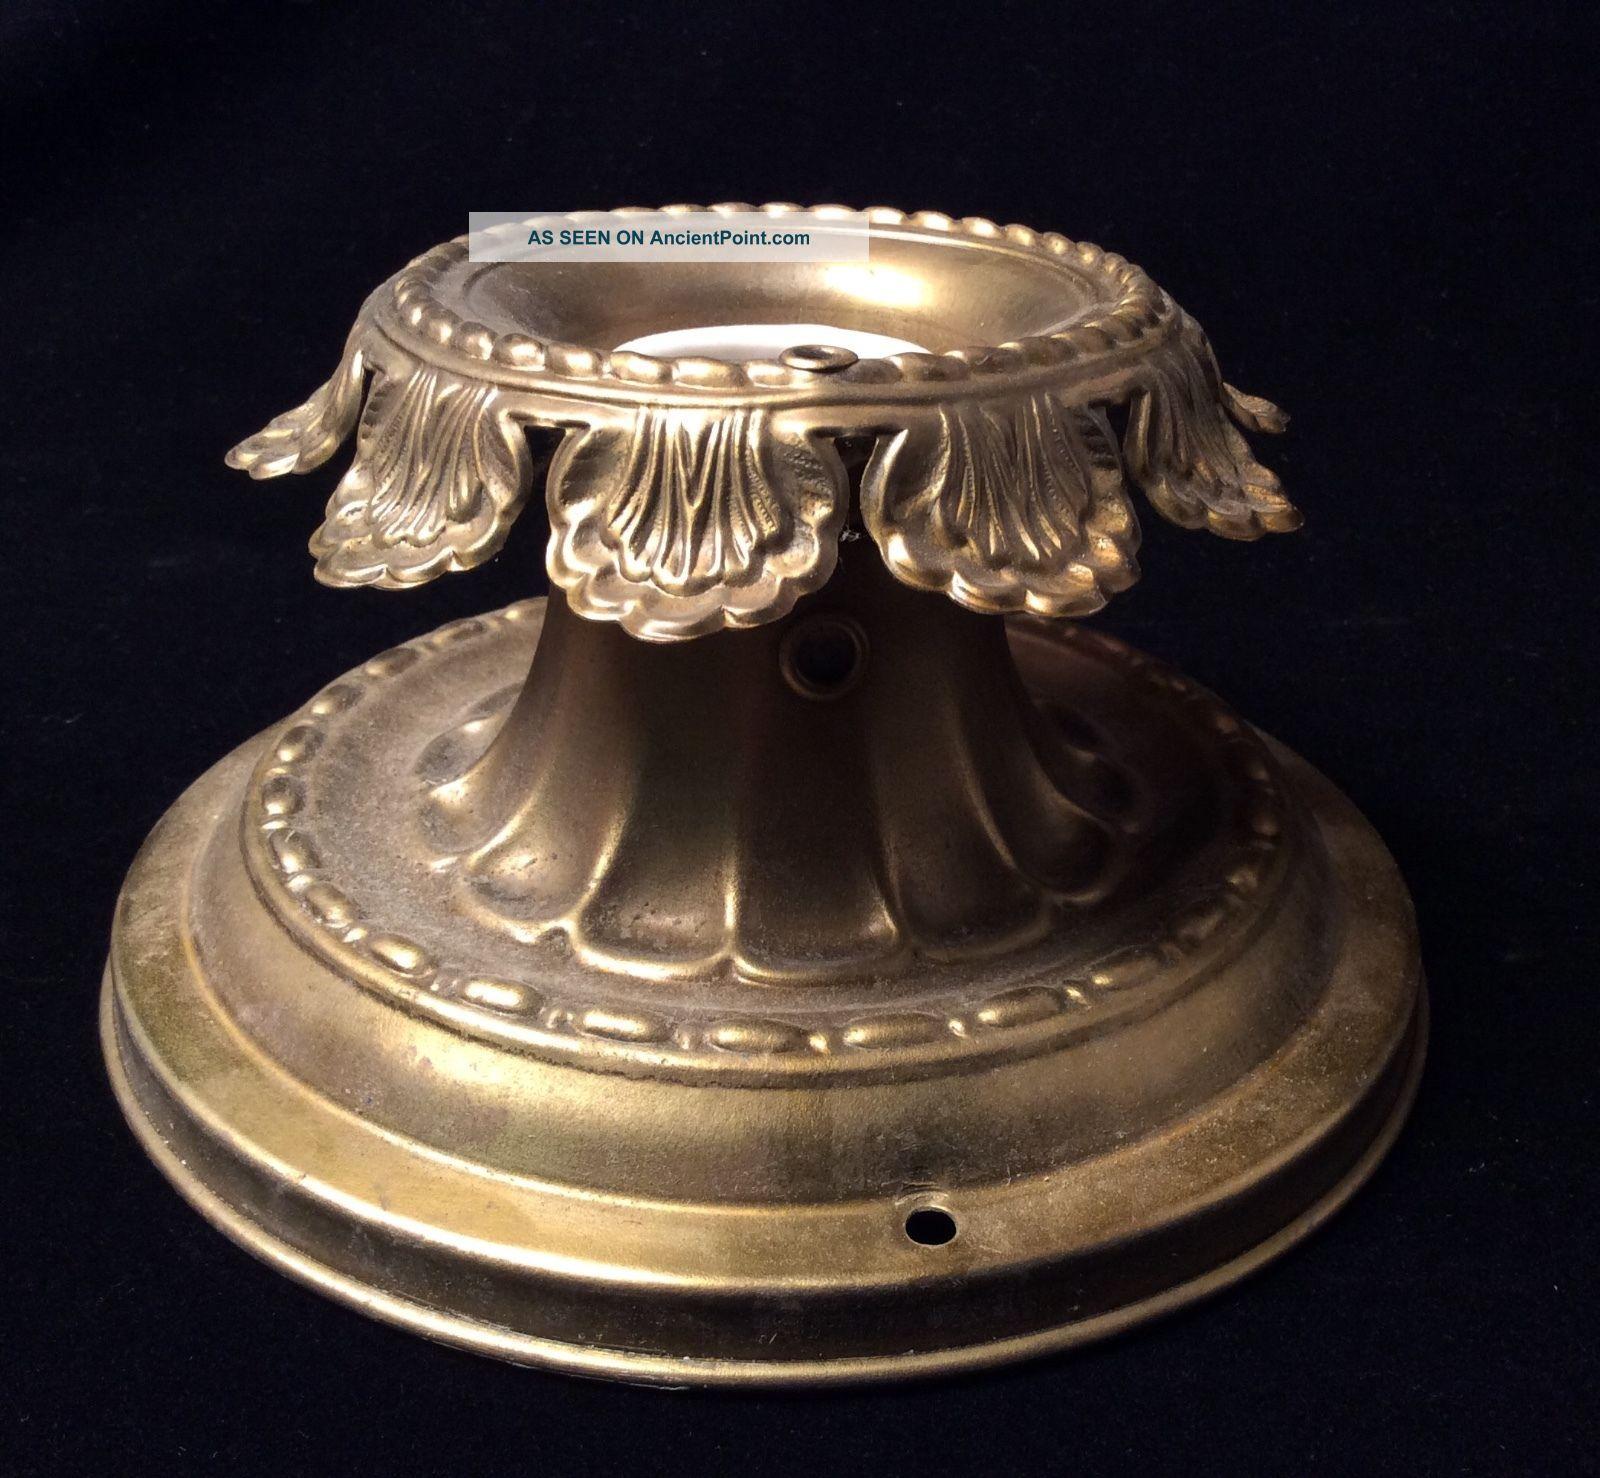 Antique Art Deco Single Bulb Flush Mount Light Fixture,  Bronze Color Chandeliers, Fixtures, Sconces photo